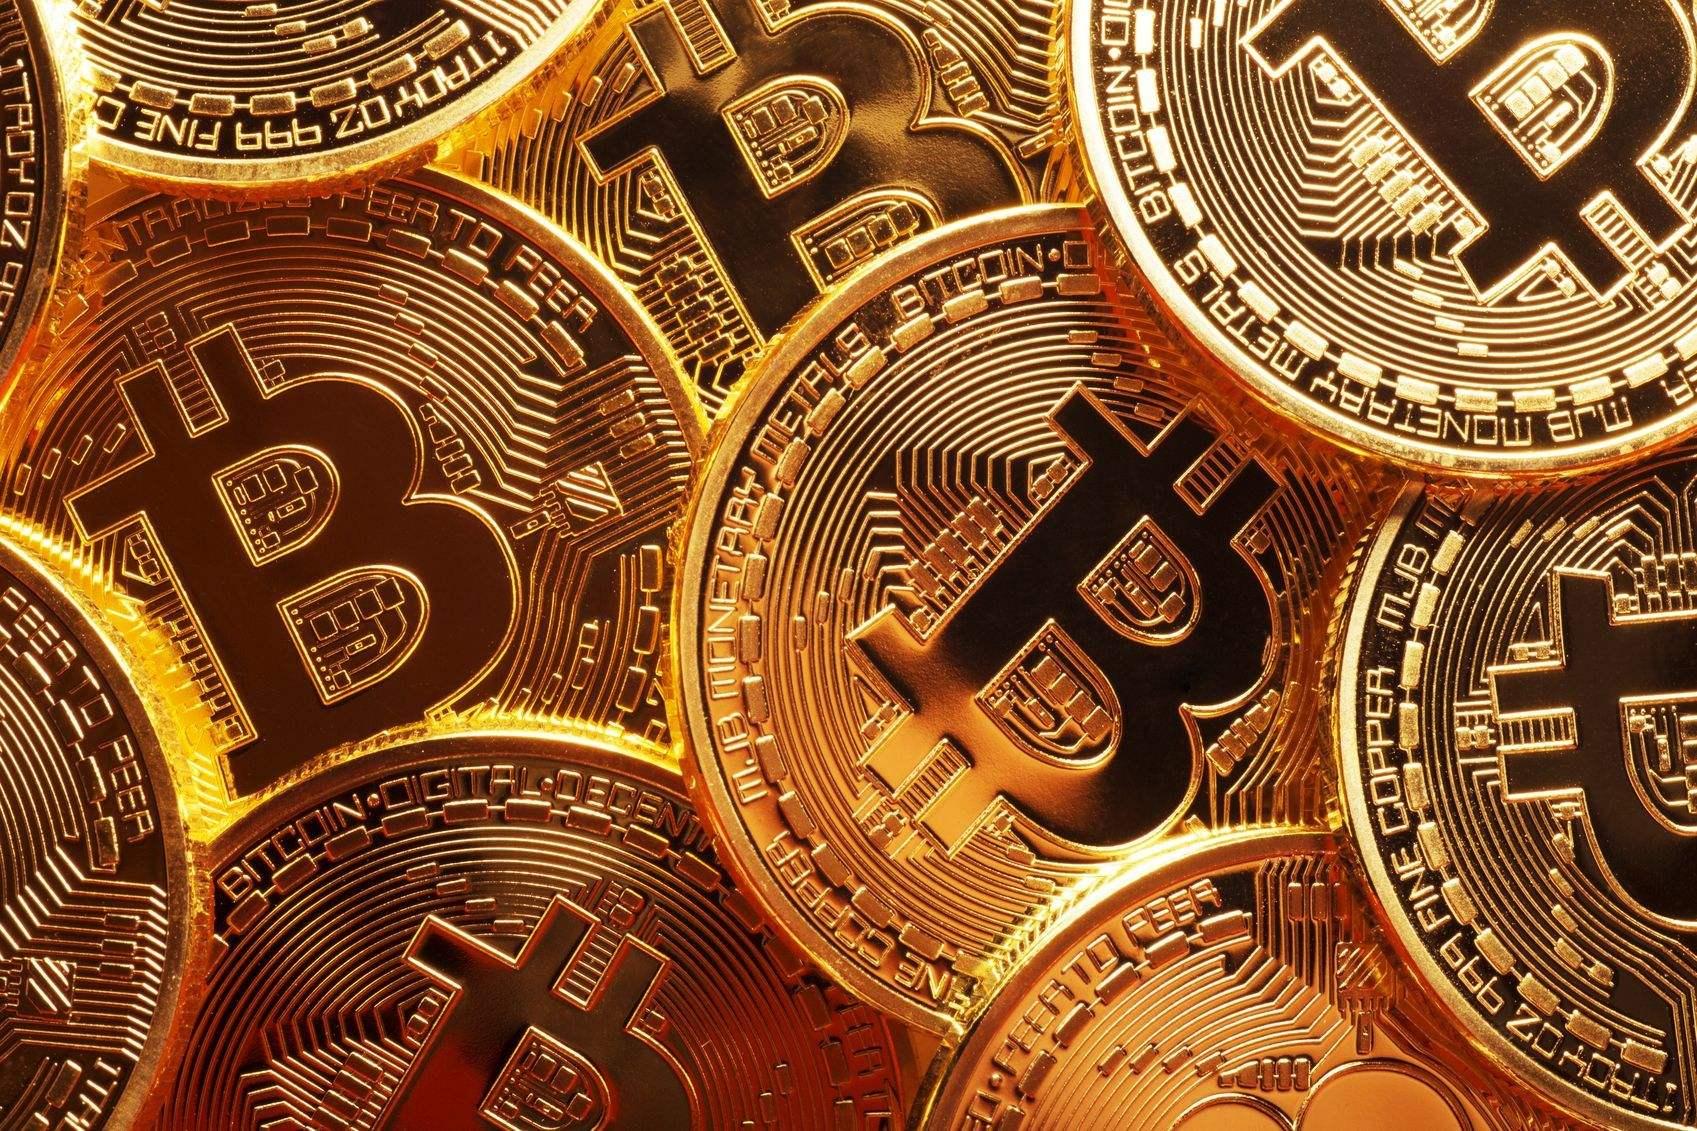 潘功胜:坚决打击遏制虚拟货币交易、ICO融资